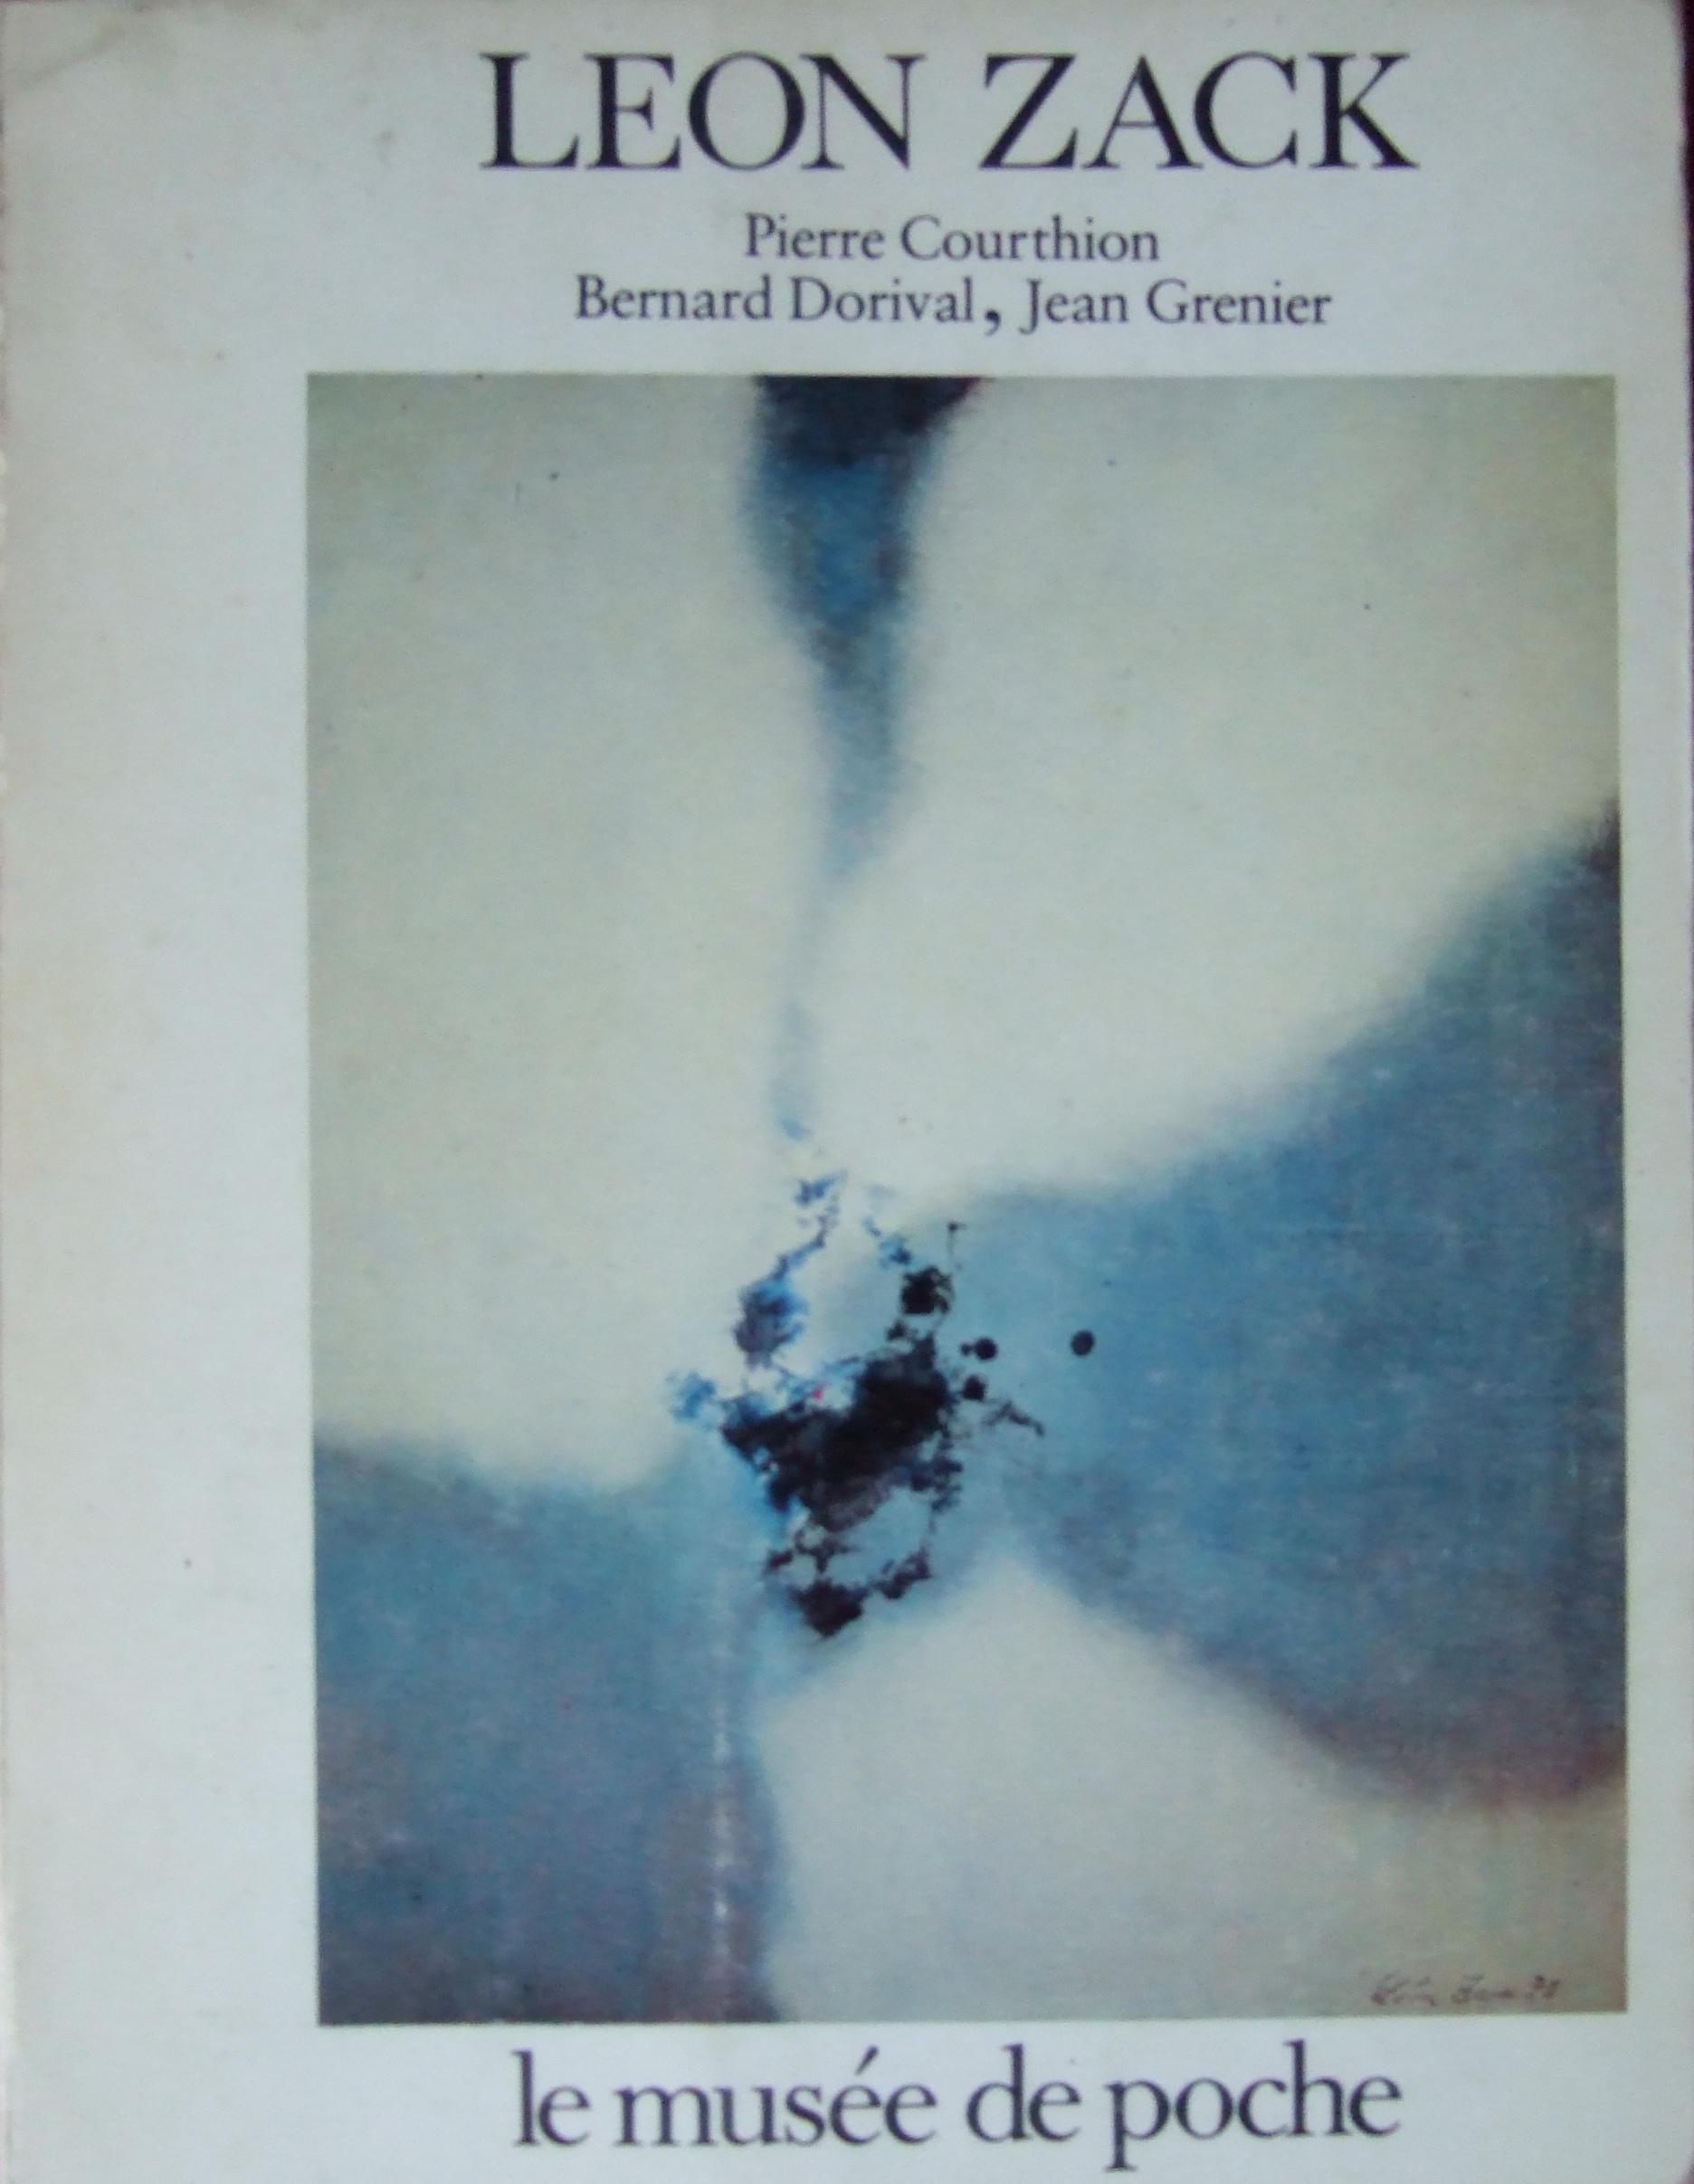 Leon Zack. Catalogue. Le Musee de Poche. 1976.